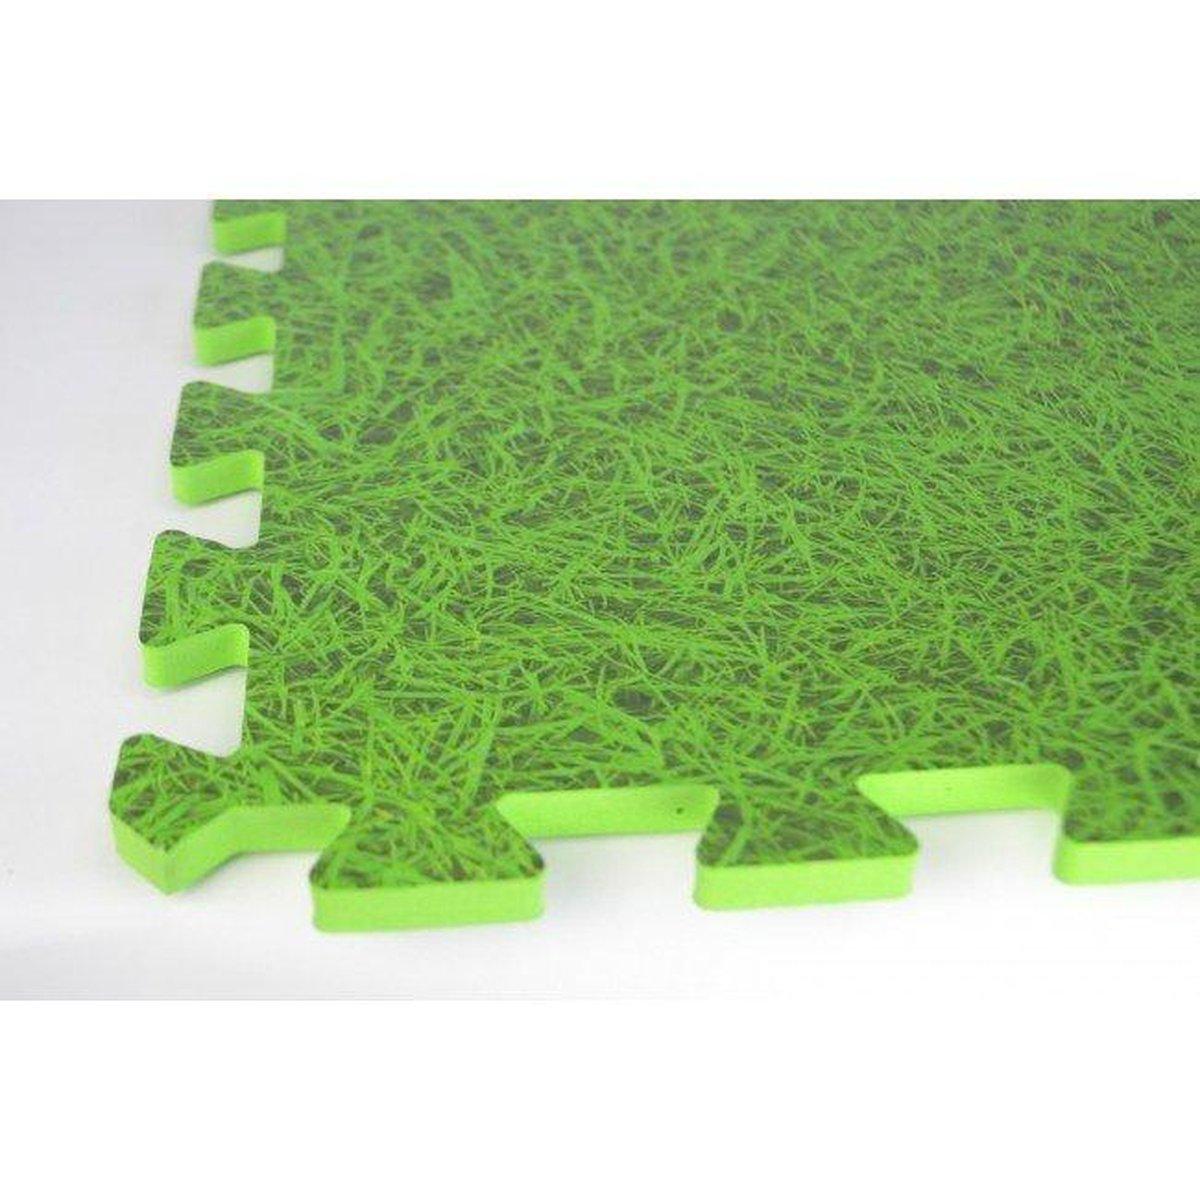 Zwembad tegels | Gras groene vloertegels | Ondergrond | 6 stuks | Fitness Puzzelmatten Set - totaal 120x80x1 cm - 0,96 m2